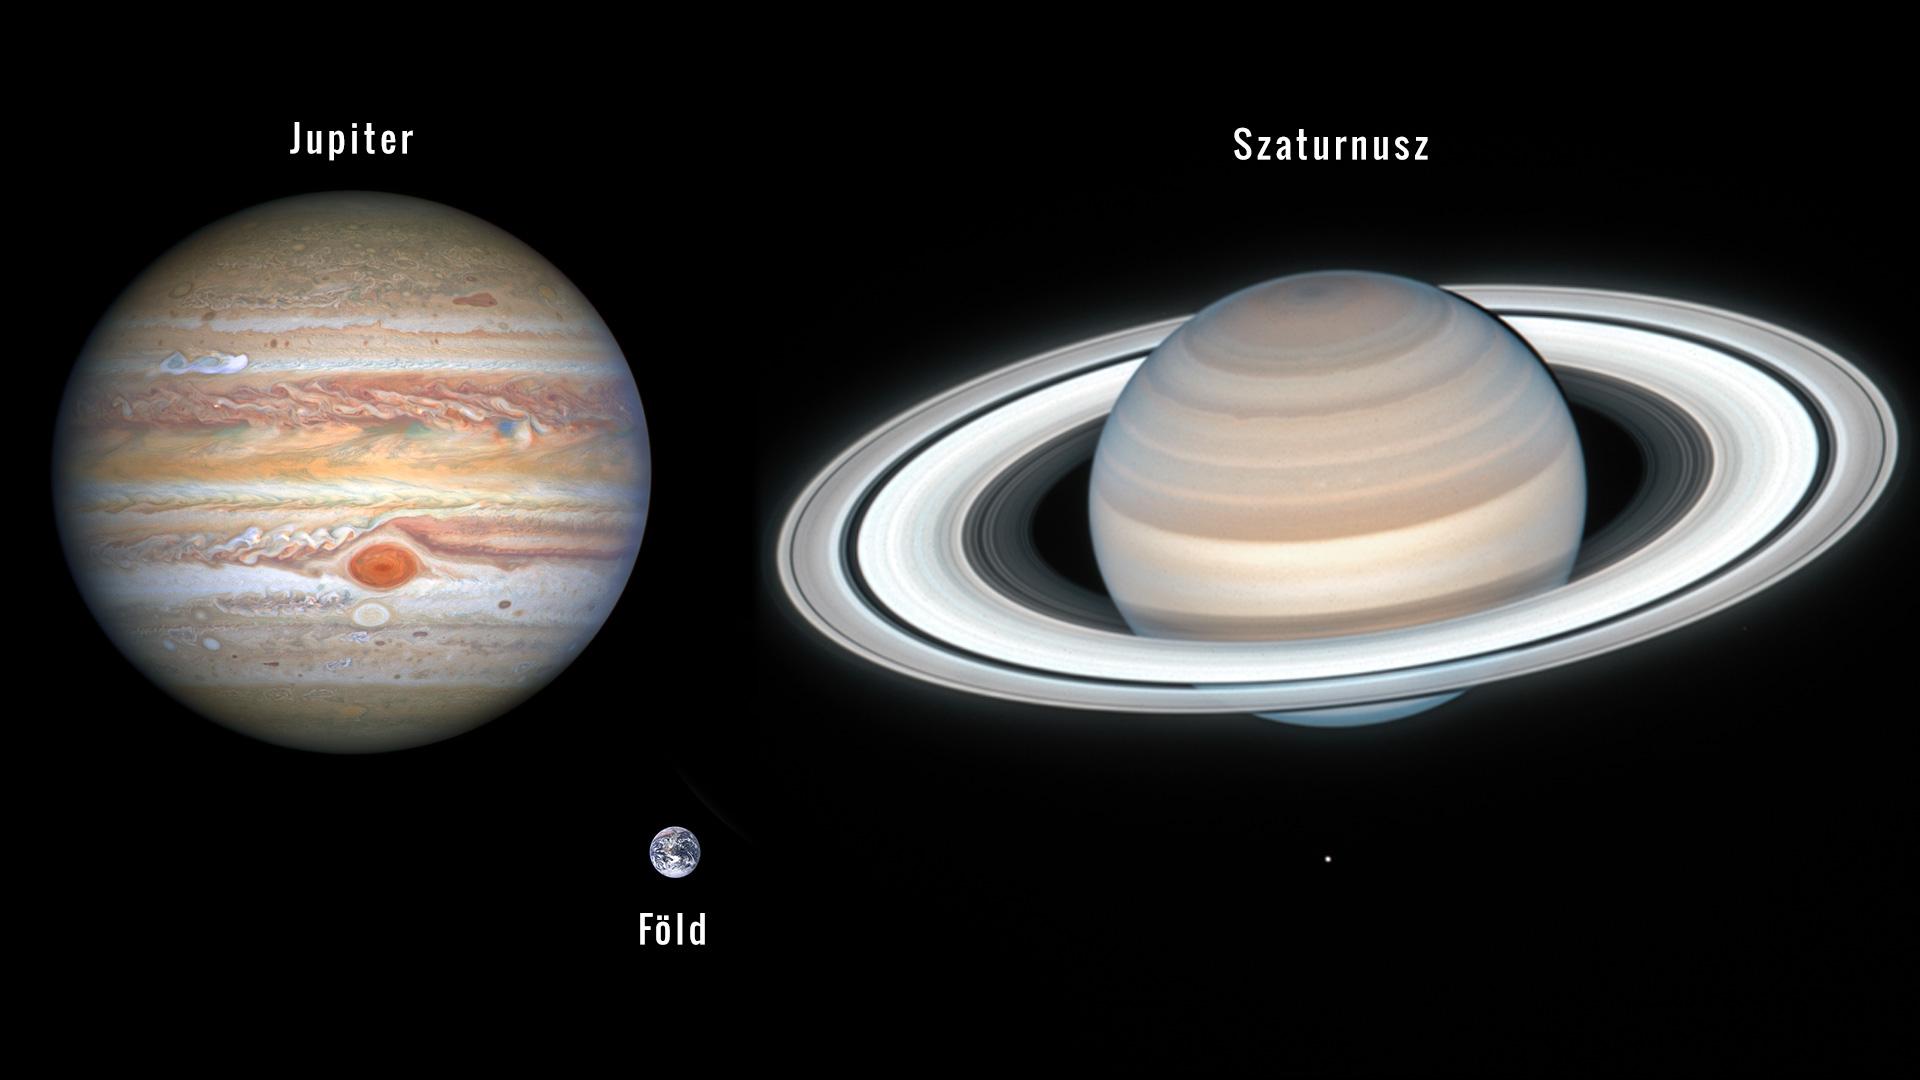 Jupiter, Szaturnusz és Föld egymáshoz hasonlítva méretarányos